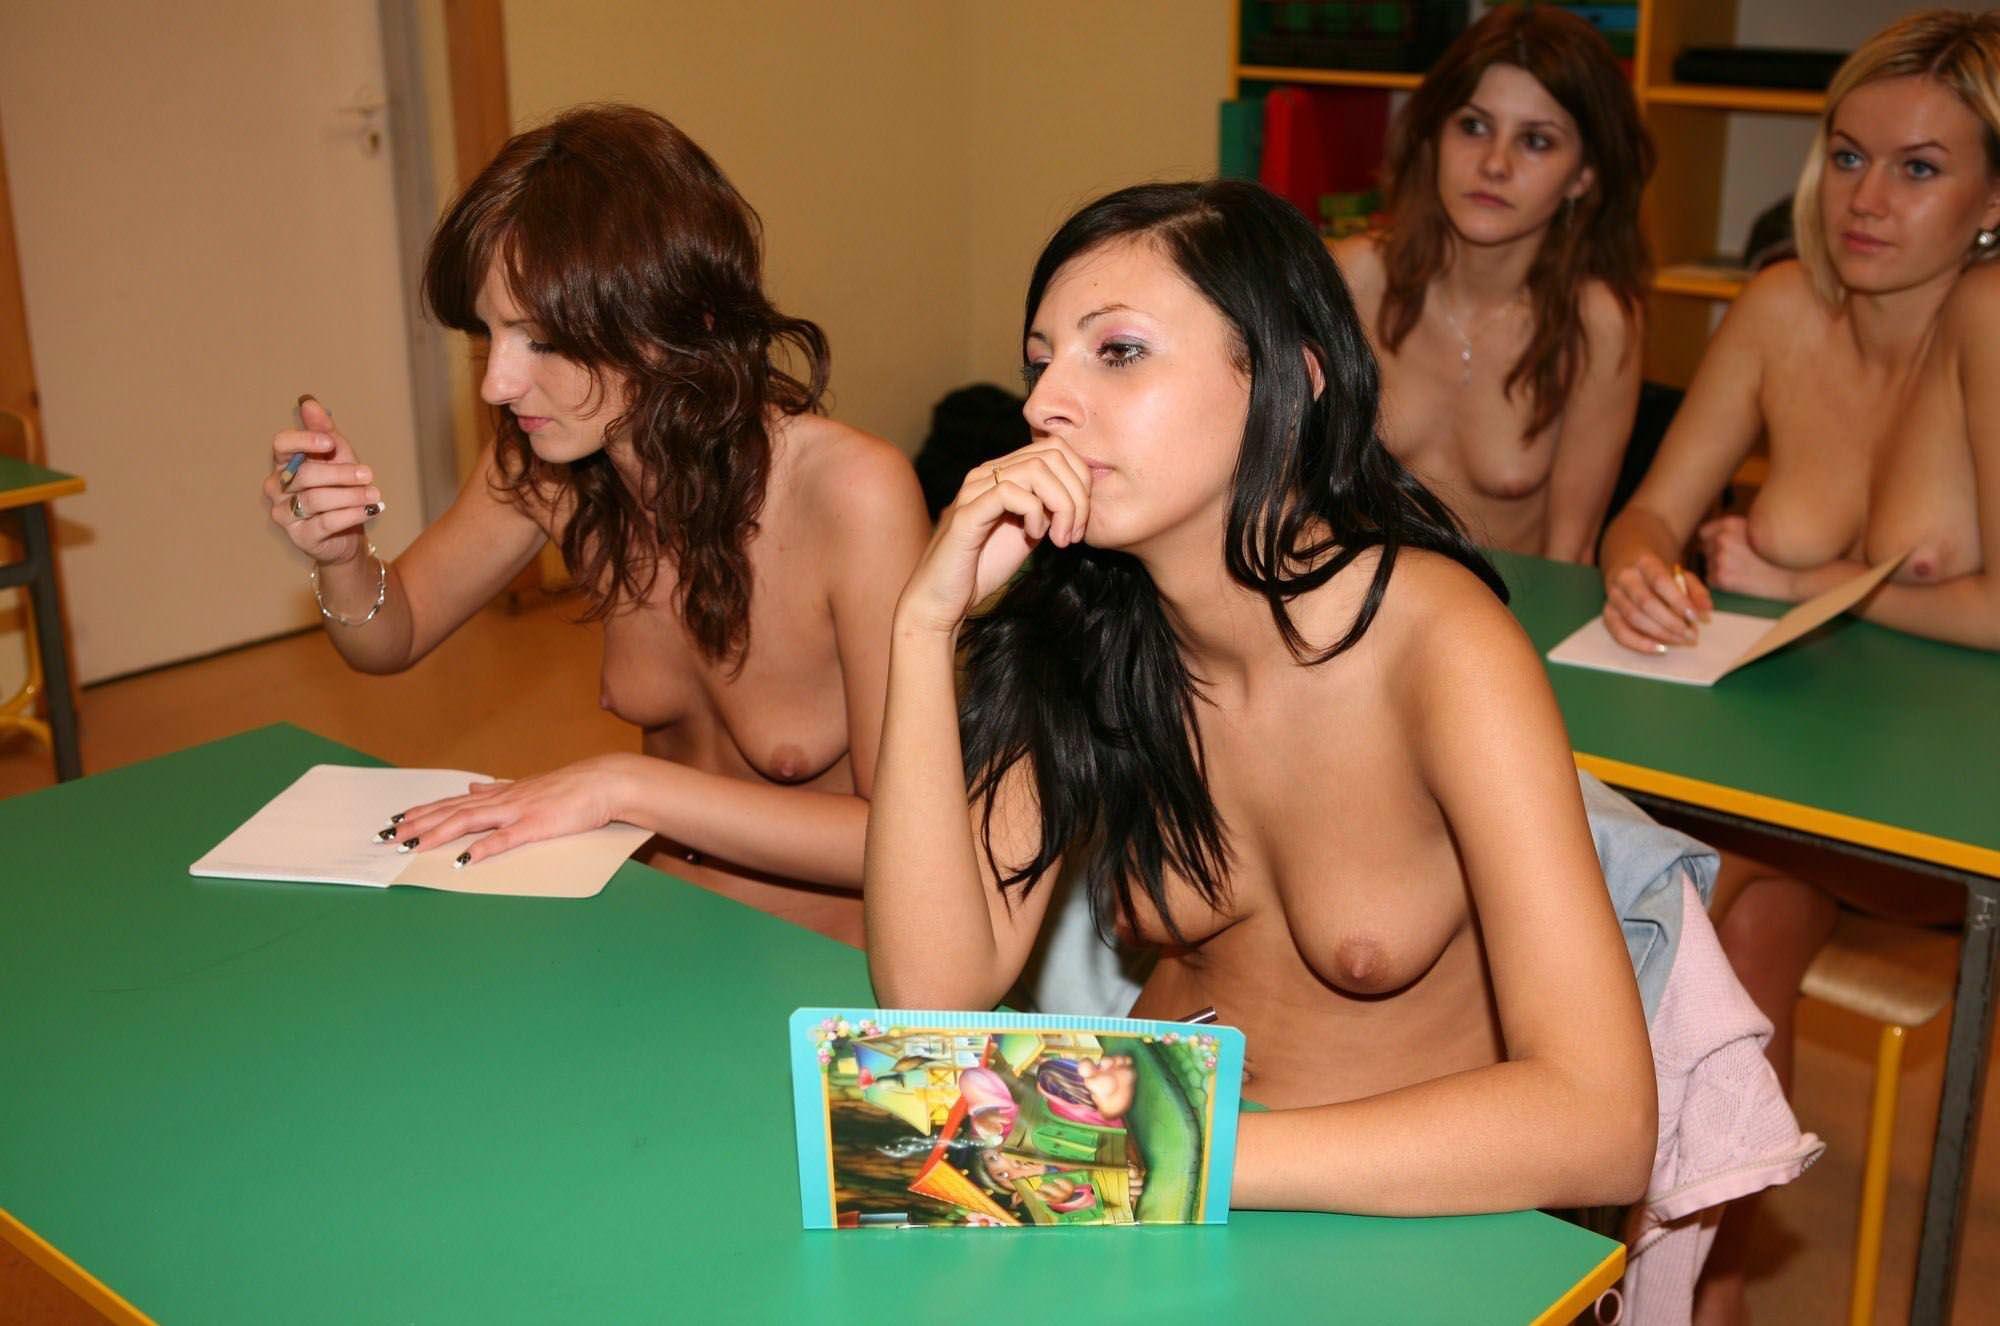 【外人】素っ裸のオールヌードで授業を受けるクラスのおふざけポルノ画像 11085